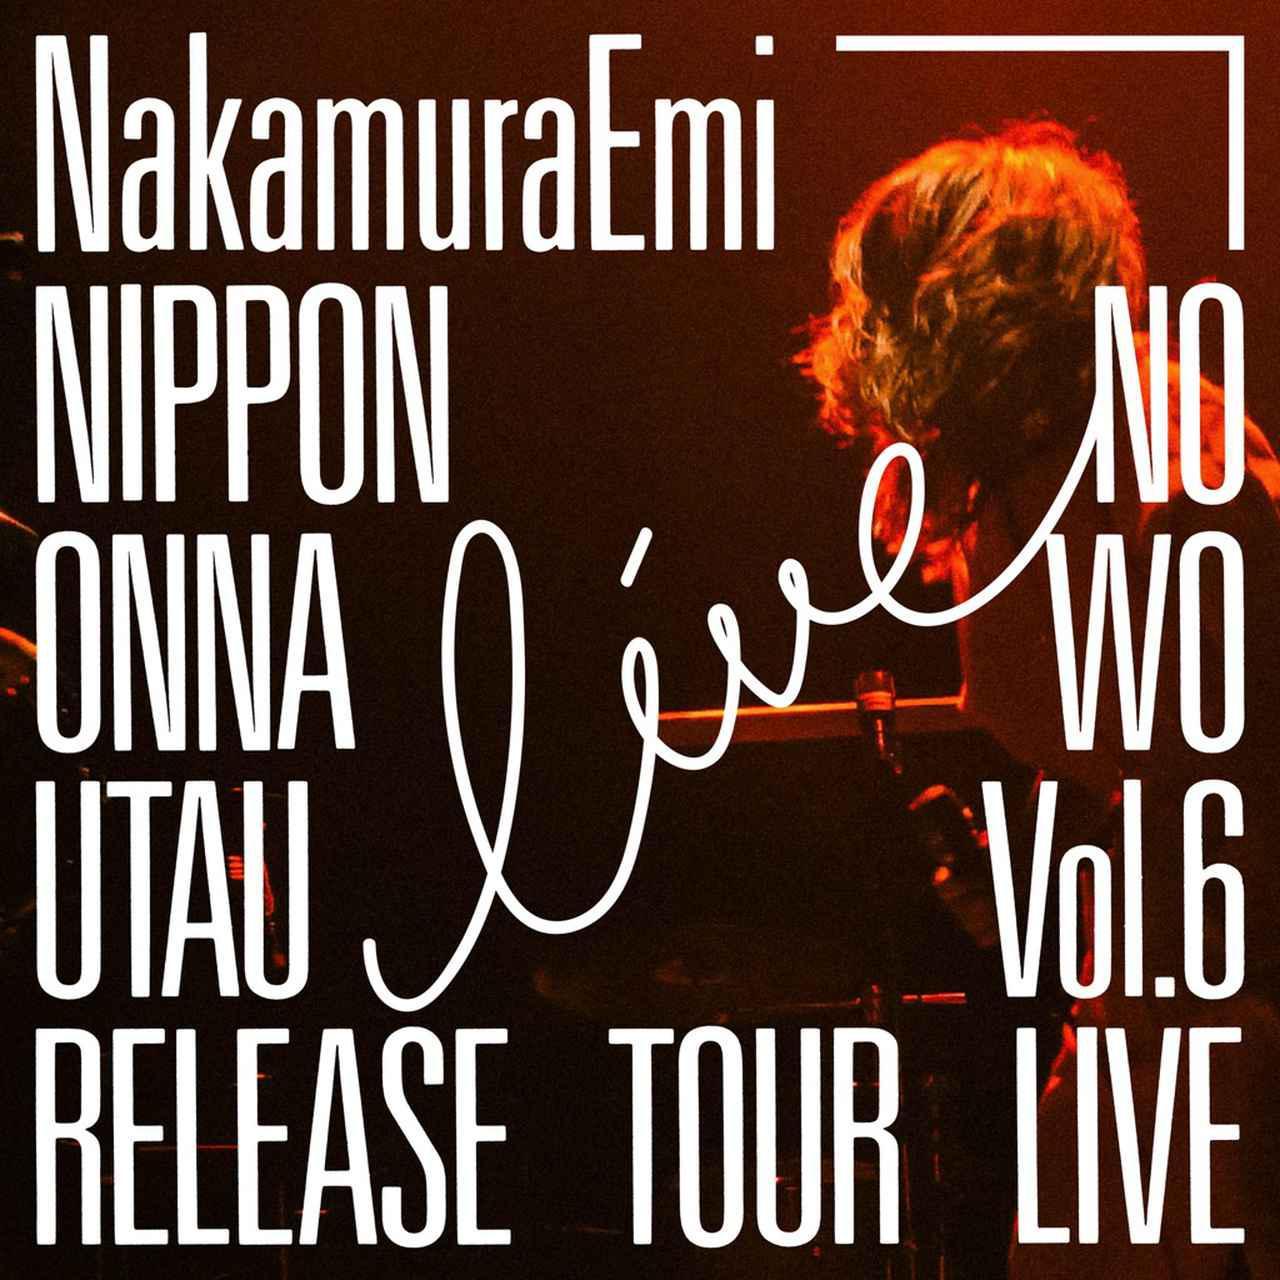 """画像1: """"NIPPONNO ONNAWO UTAU Vol.6"""" RELEASE TOUR LIVE! / NakamuraEmi"""